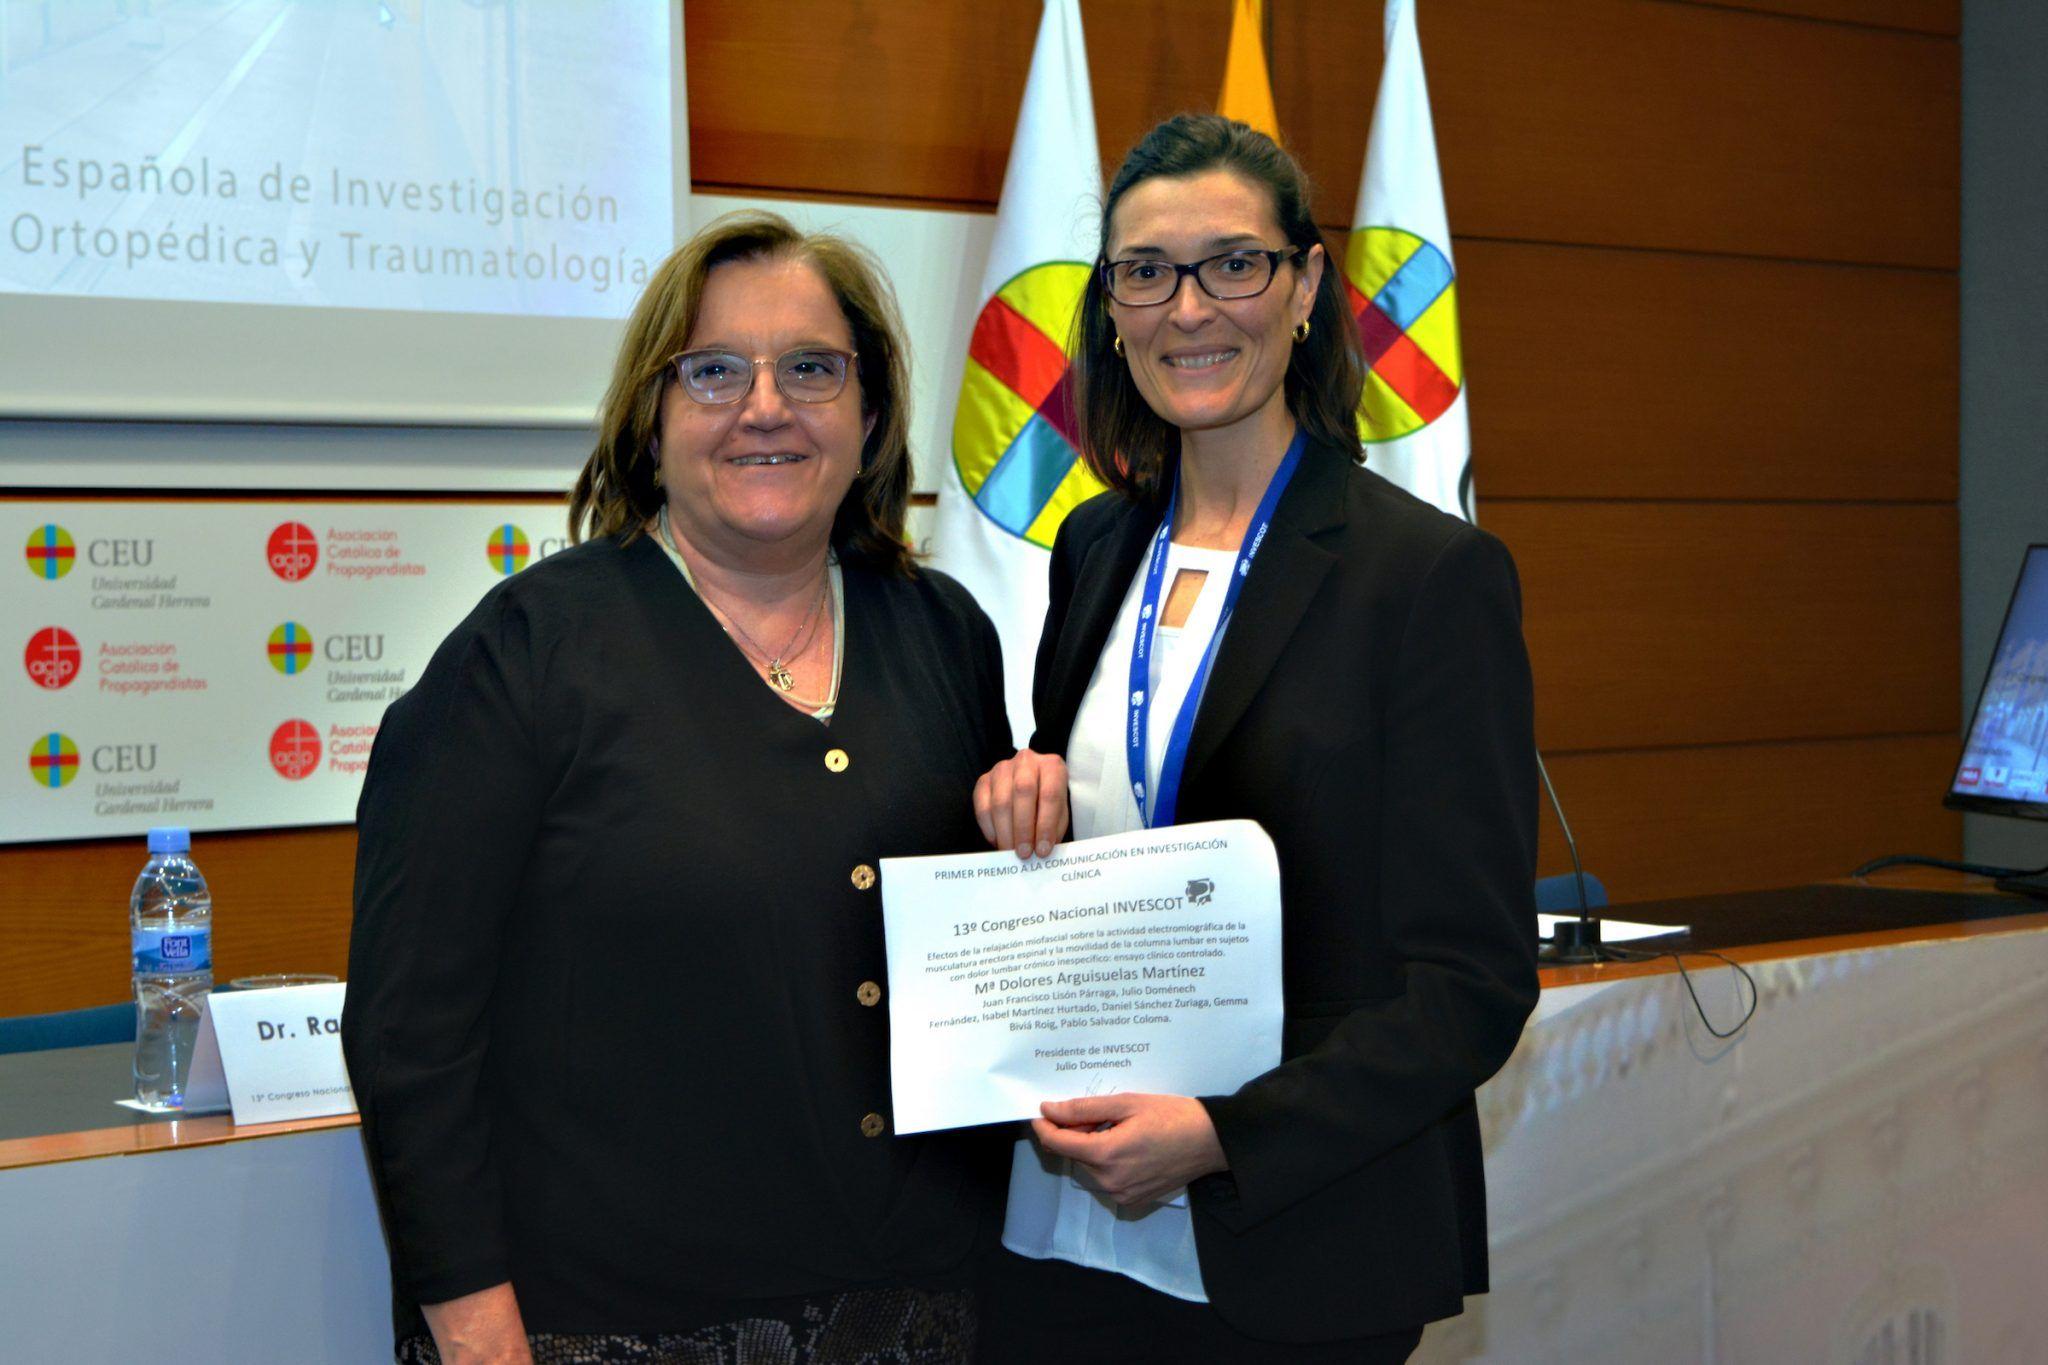 ¿El último Congreso? Dolores Arguisuelas, profesora de Fisiuoterapia CEU-UCH, recibe el primer premio del 13º Congreso INVESCOT